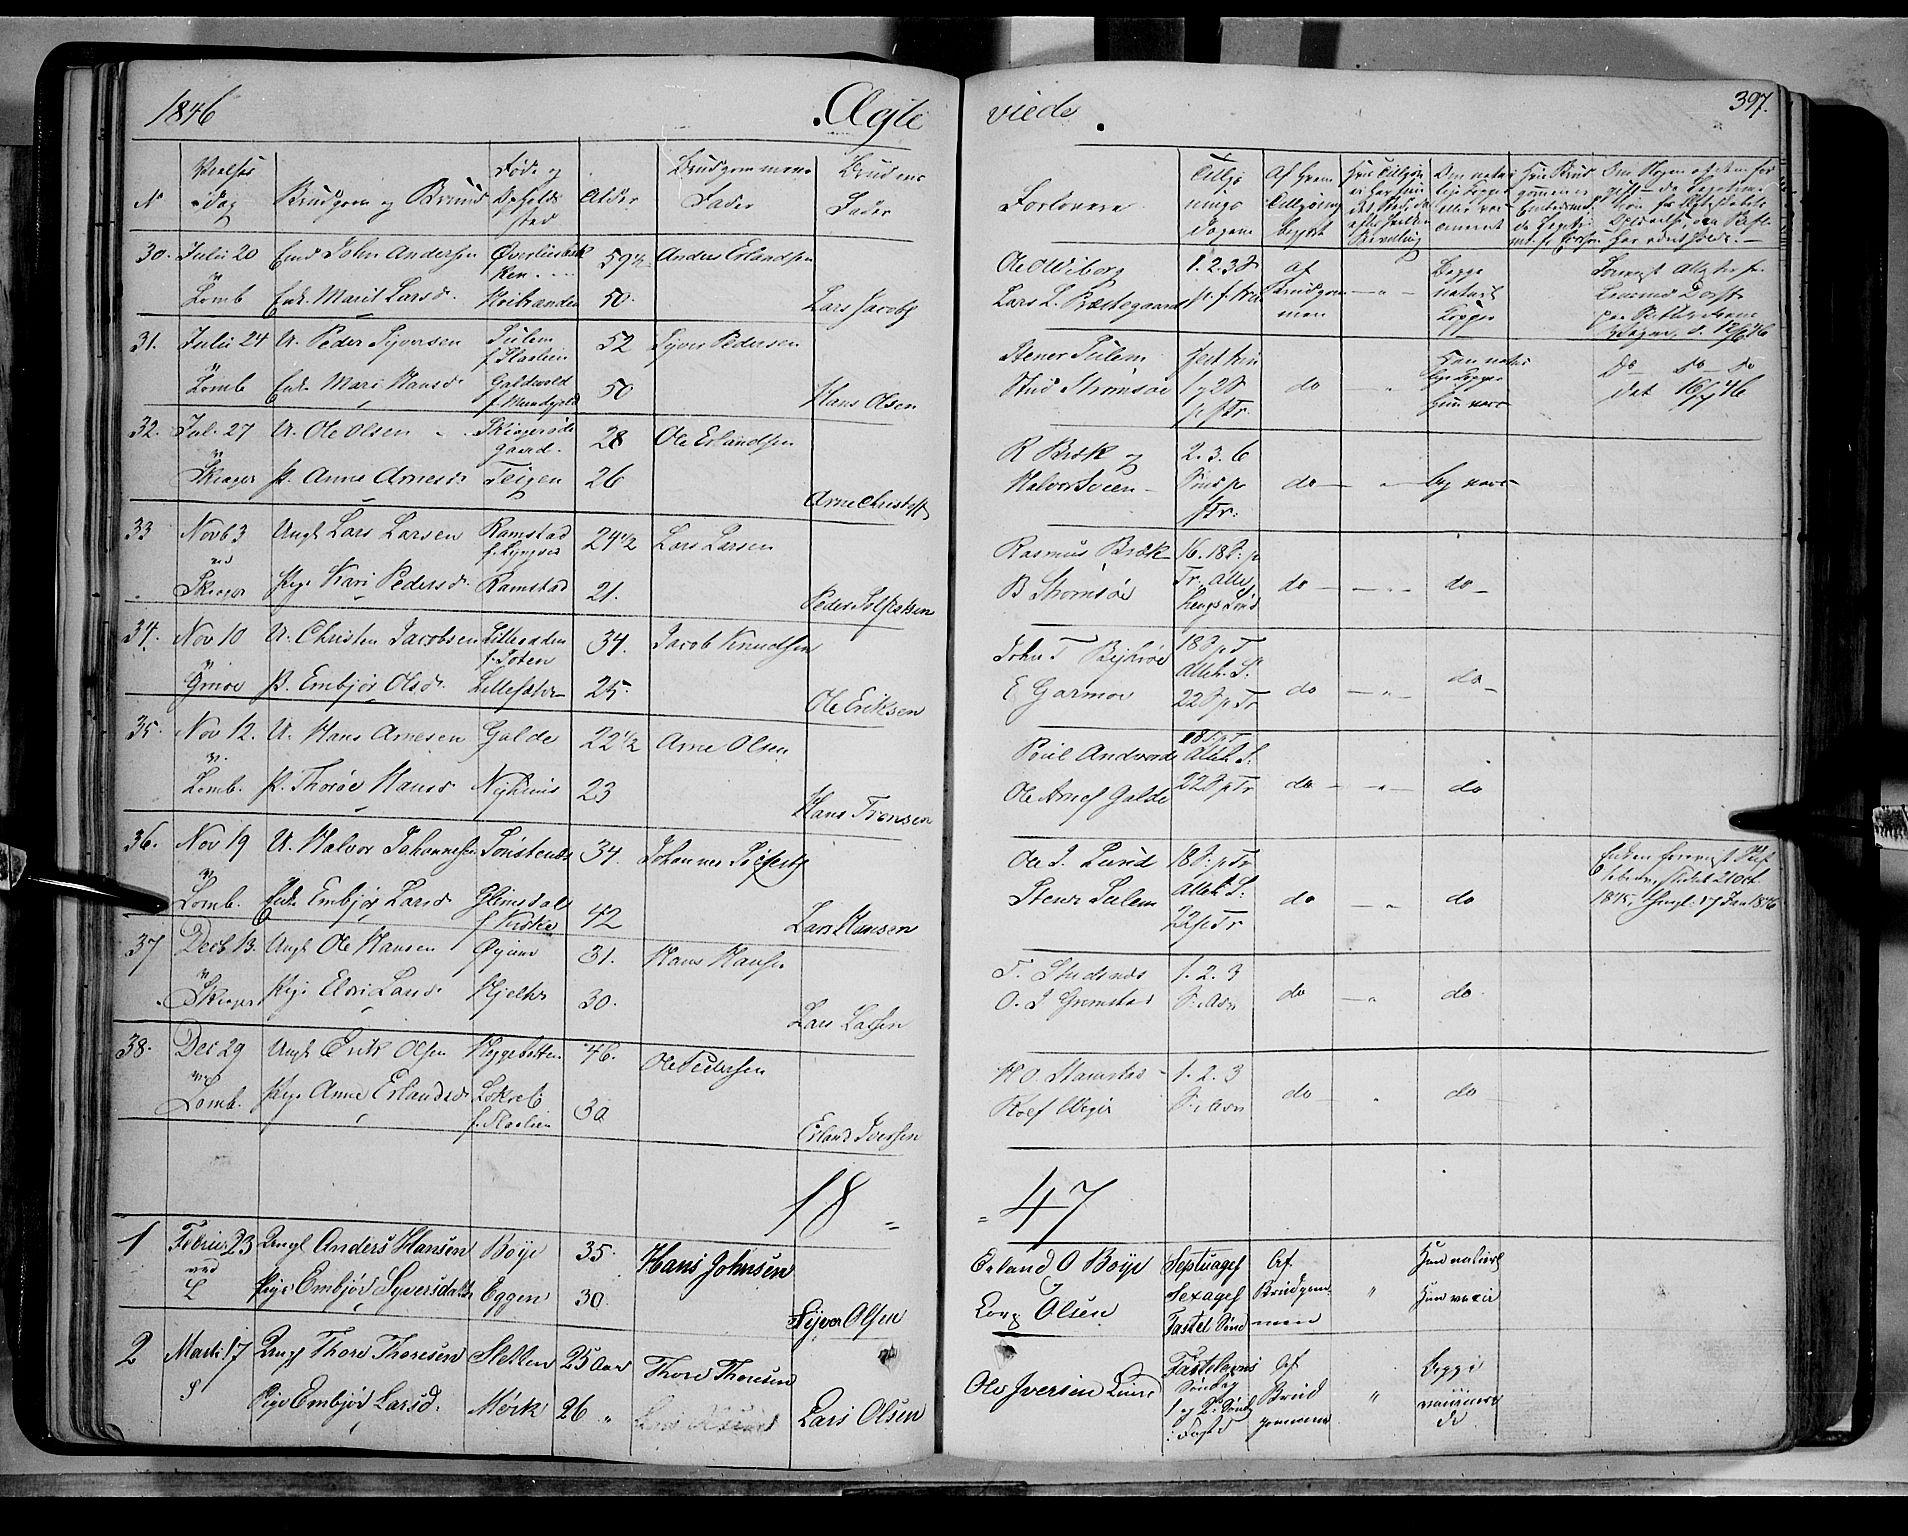 SAH, Lom prestekontor, K/L0006: Ministerialbok nr. 6B, 1837-1863, s. 397